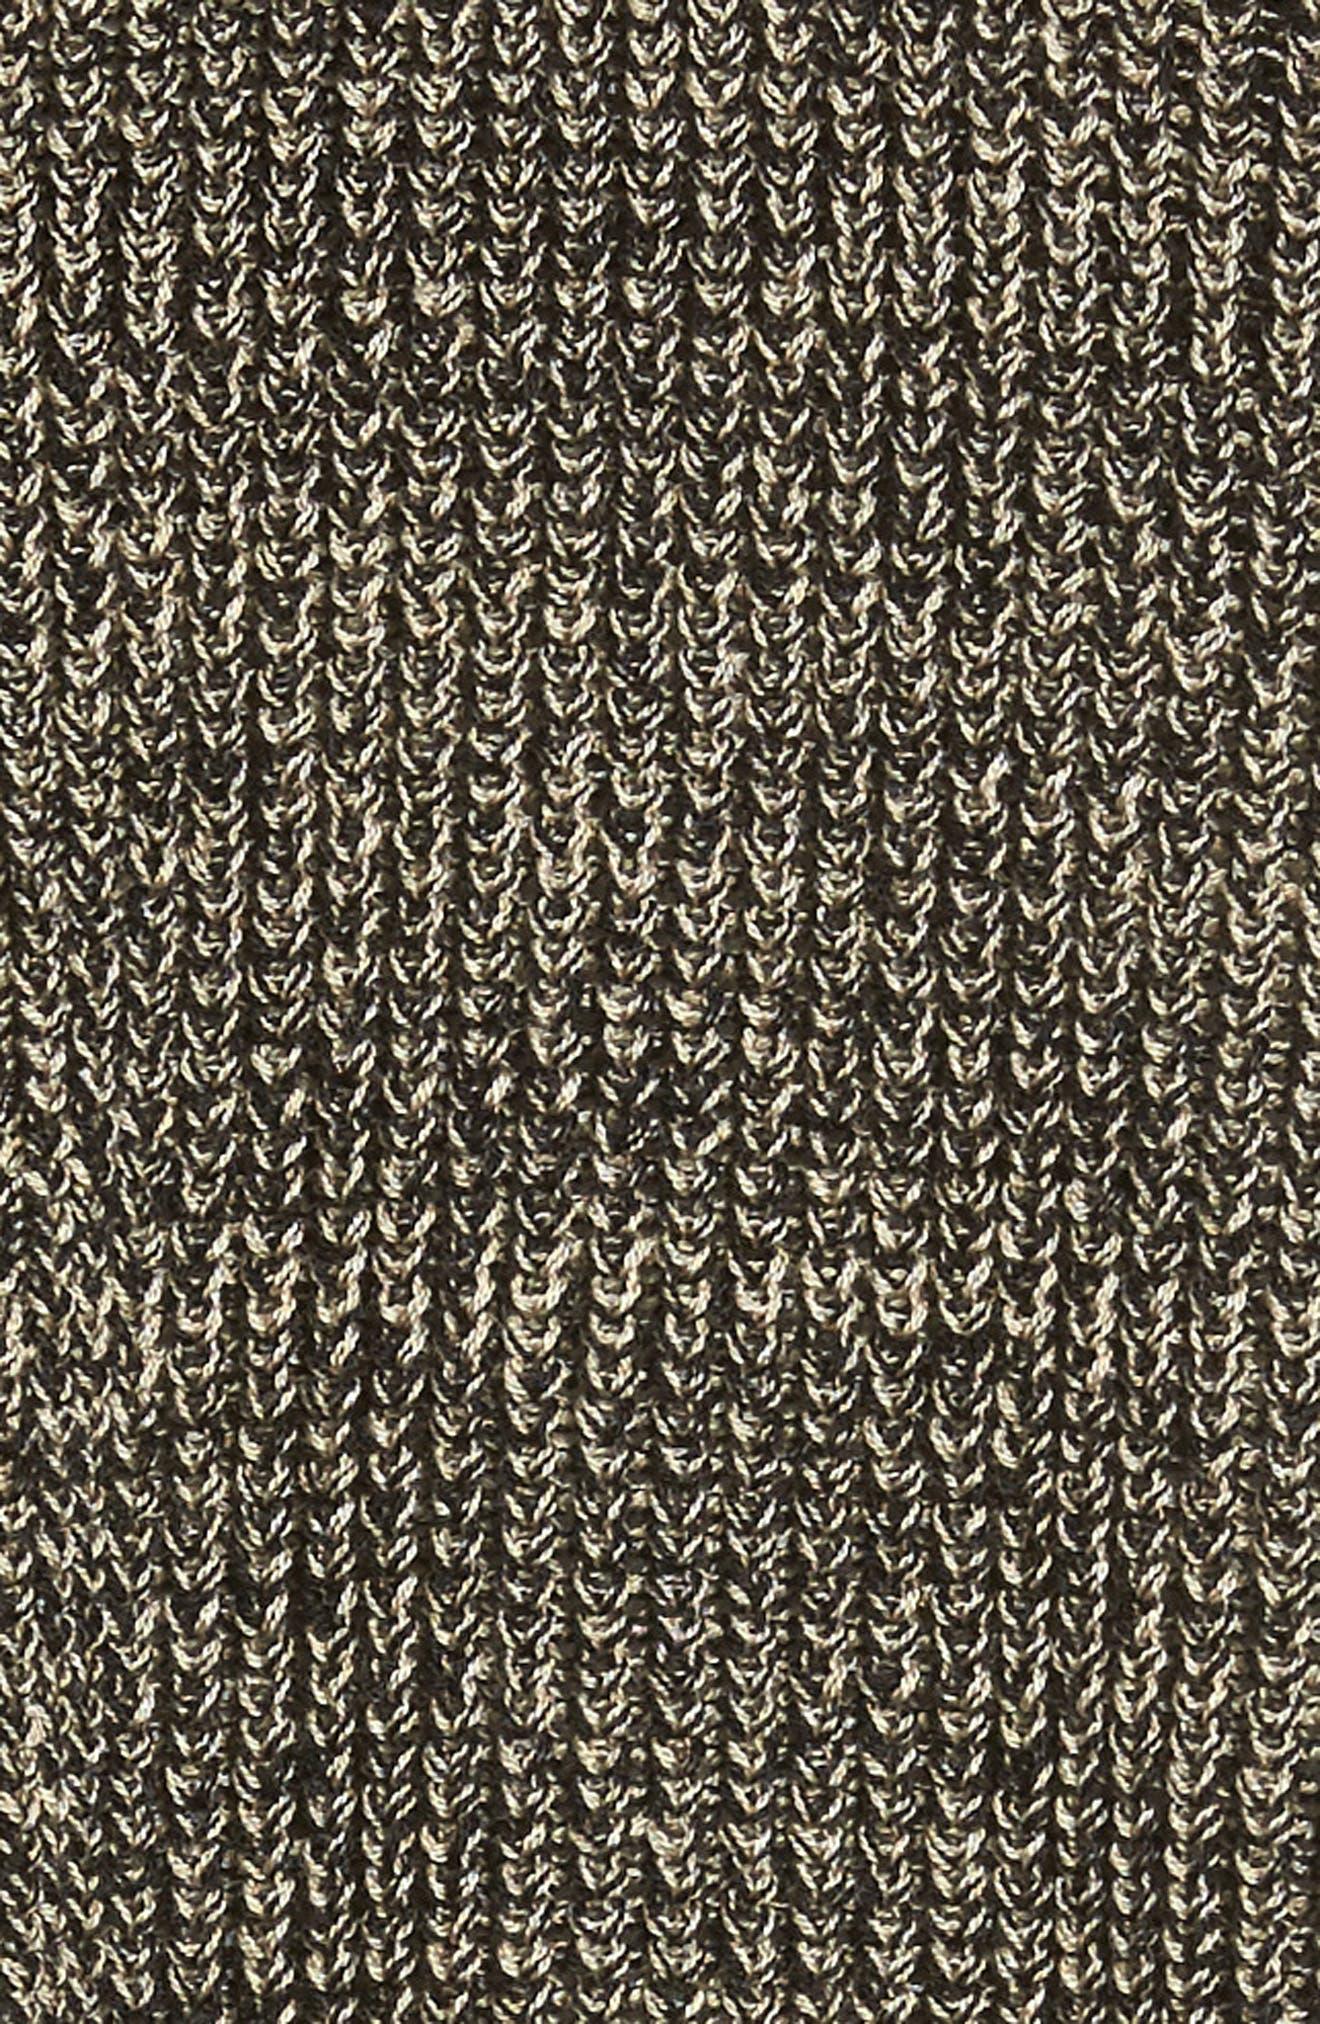 Mélange Knit Tencel<sup>®</sup> Crop Sweater,                             Alternate thumbnail 5, color,                             001